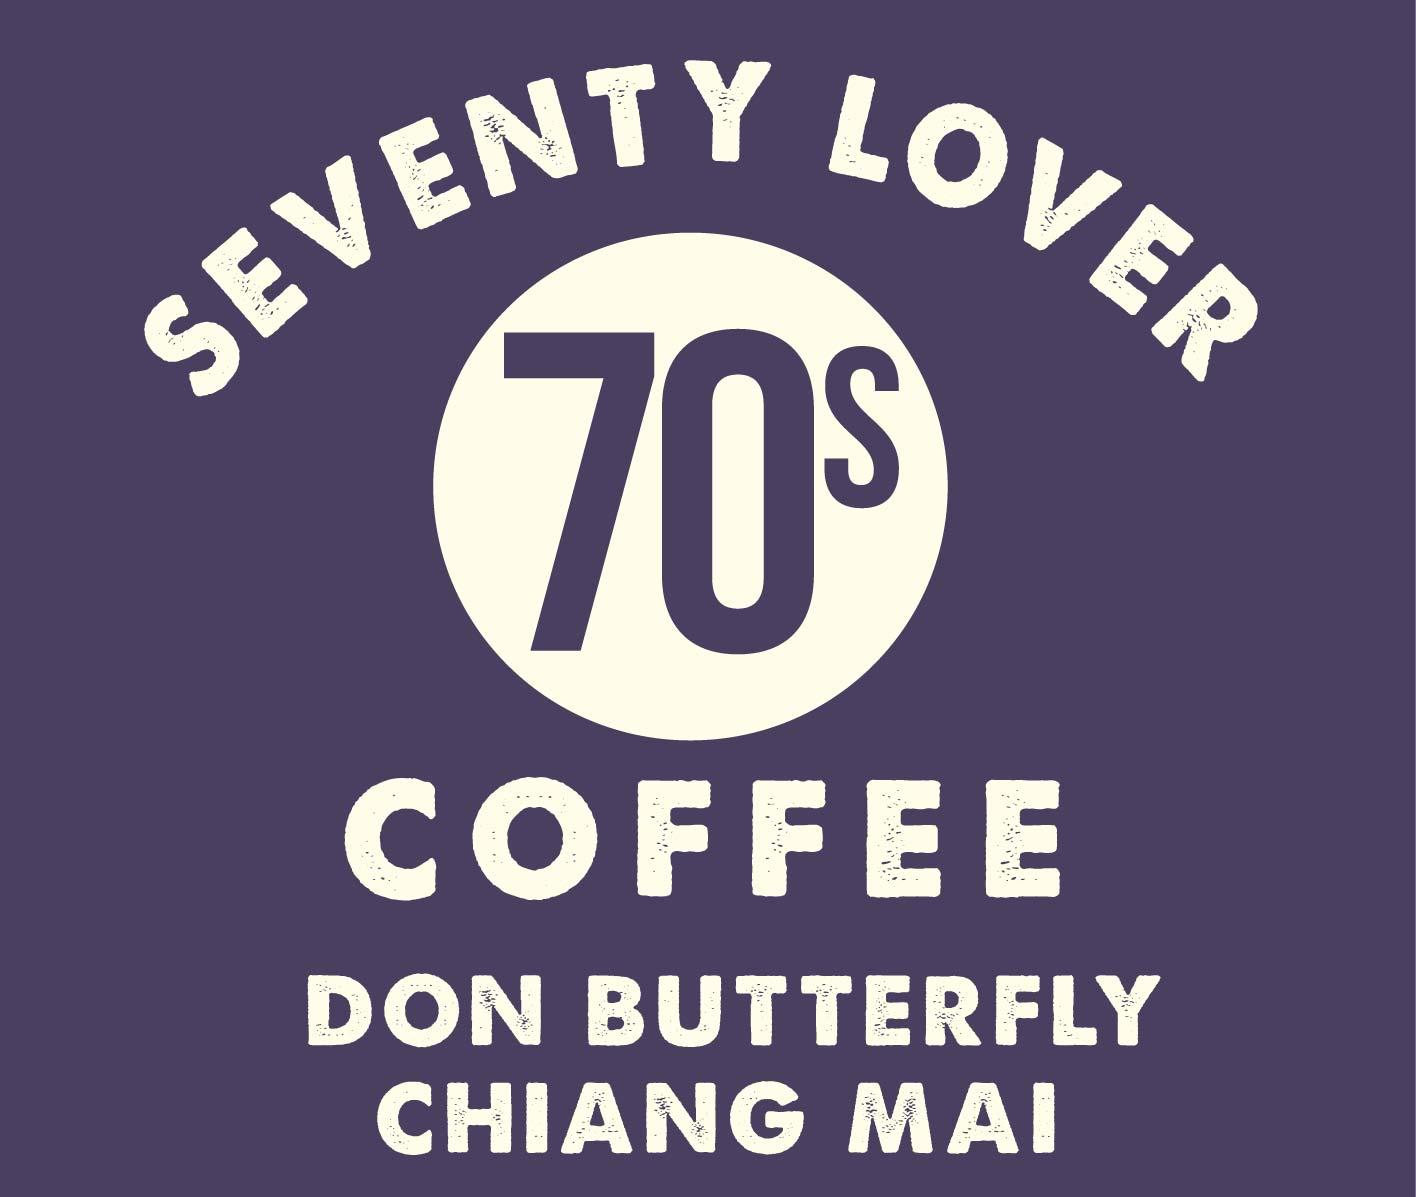 70'S COFFEE